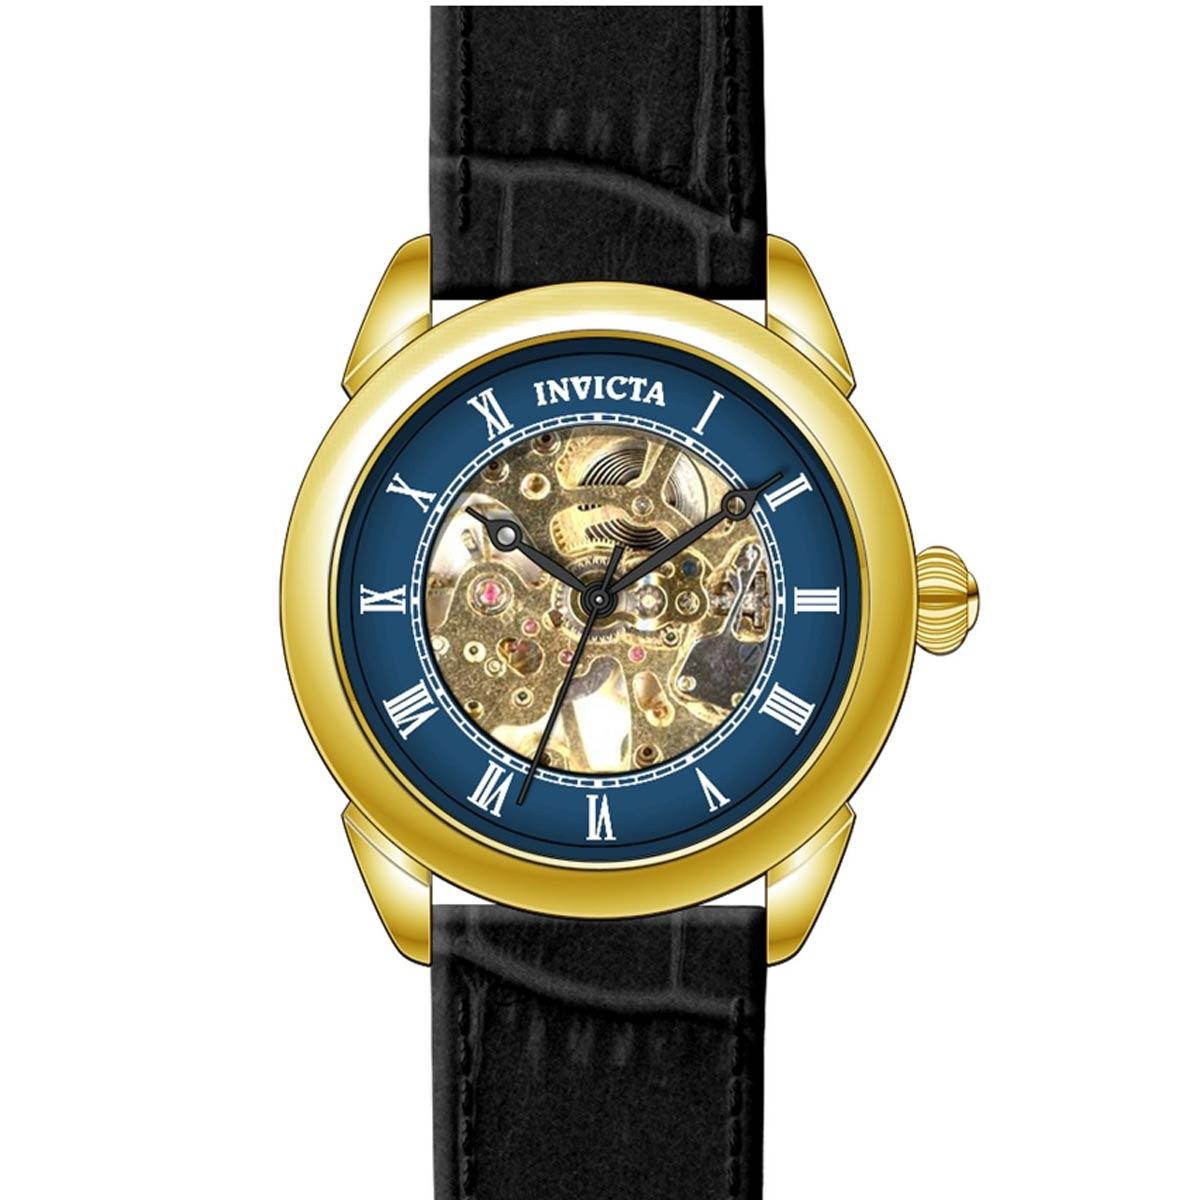 6807c537b9e1 reloj invicta para hombre 23536 mecánico correa de cuero. Cargando zoom.